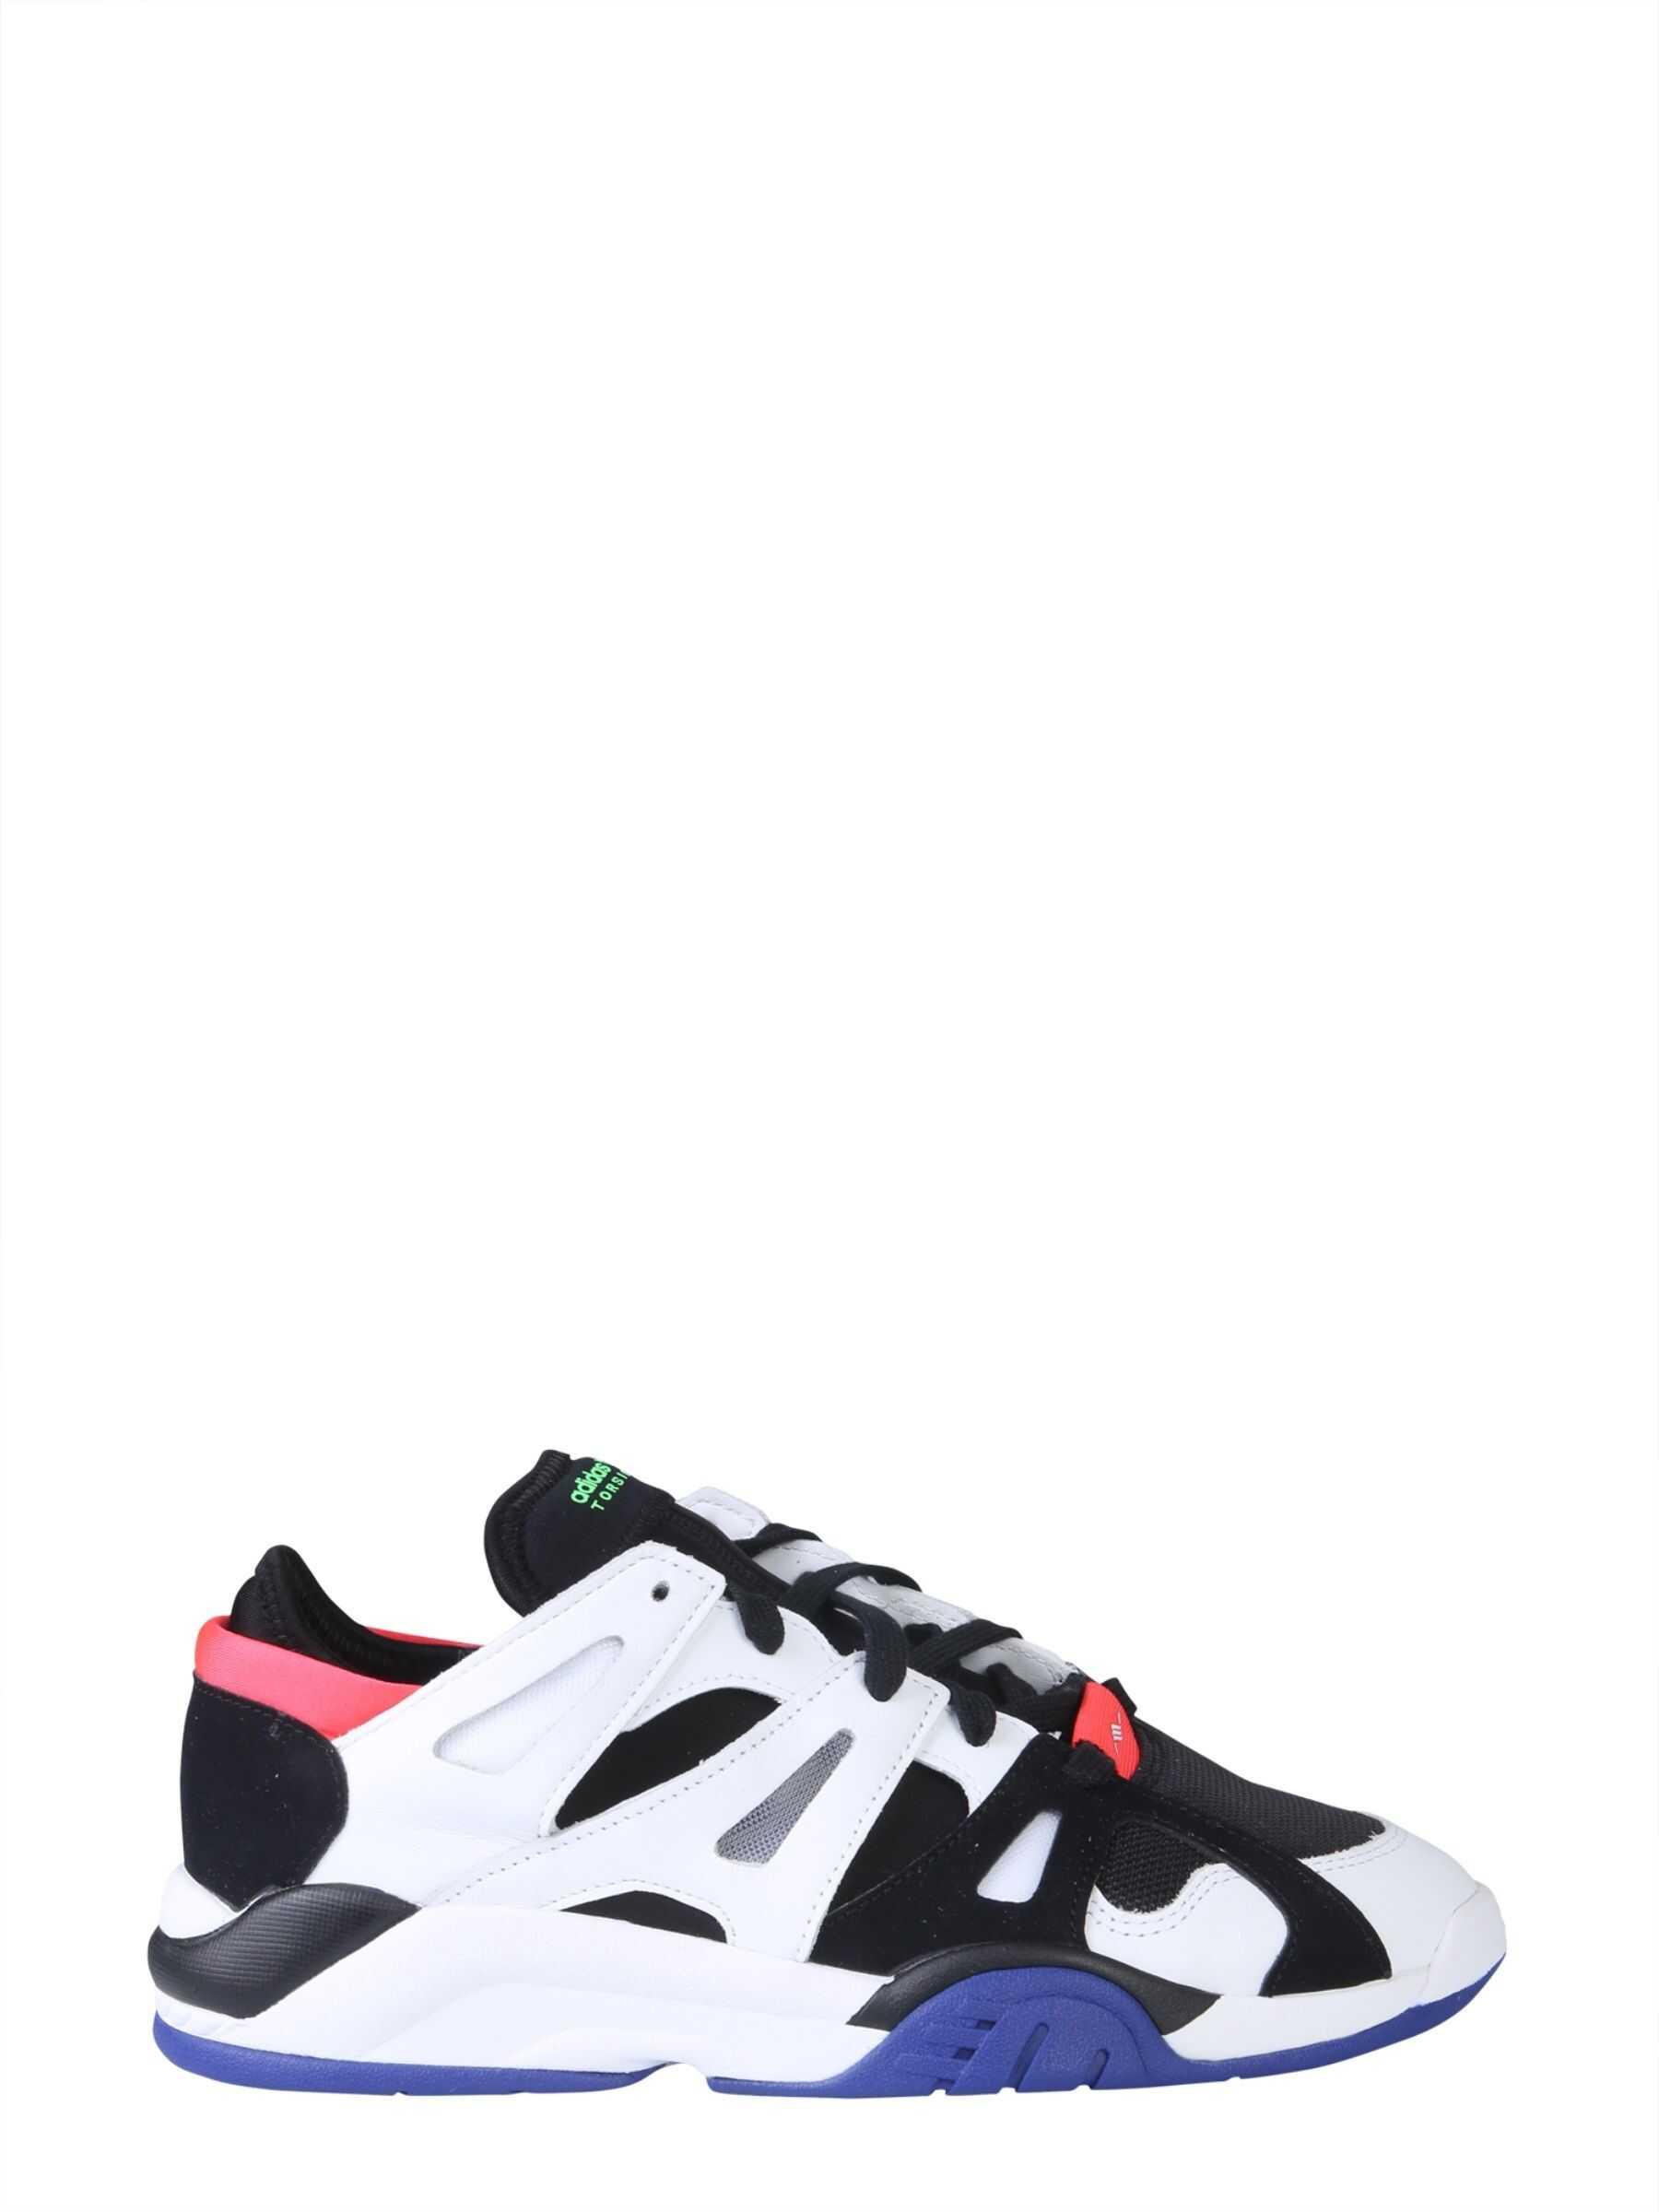 adidas Originals Dimension Lo Sneakers BLACK